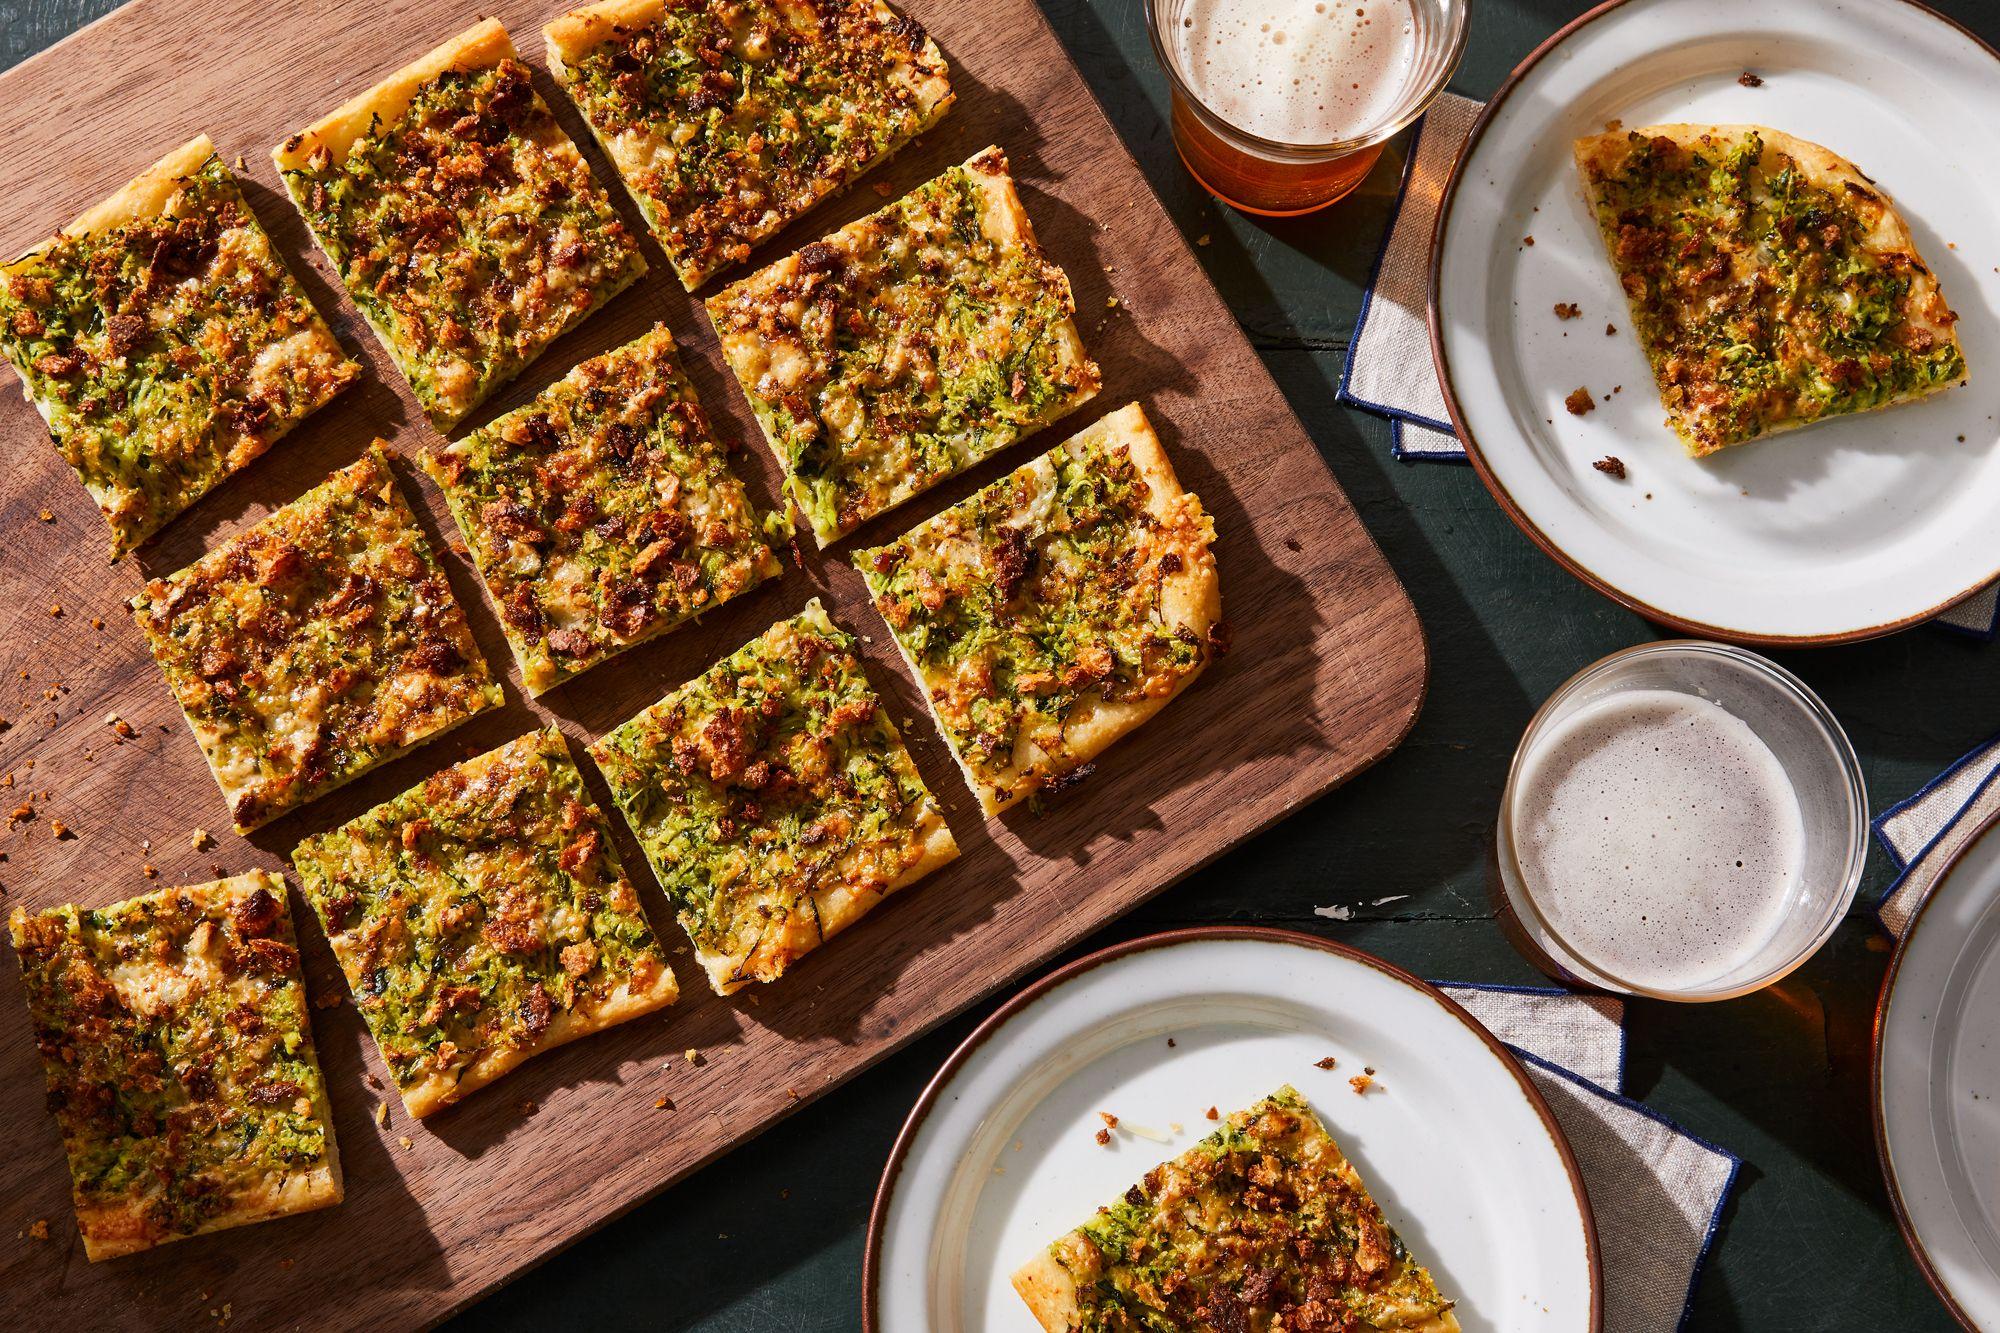 The Genius Zucchini Pizza That Won Smitten Kitchen's Heart